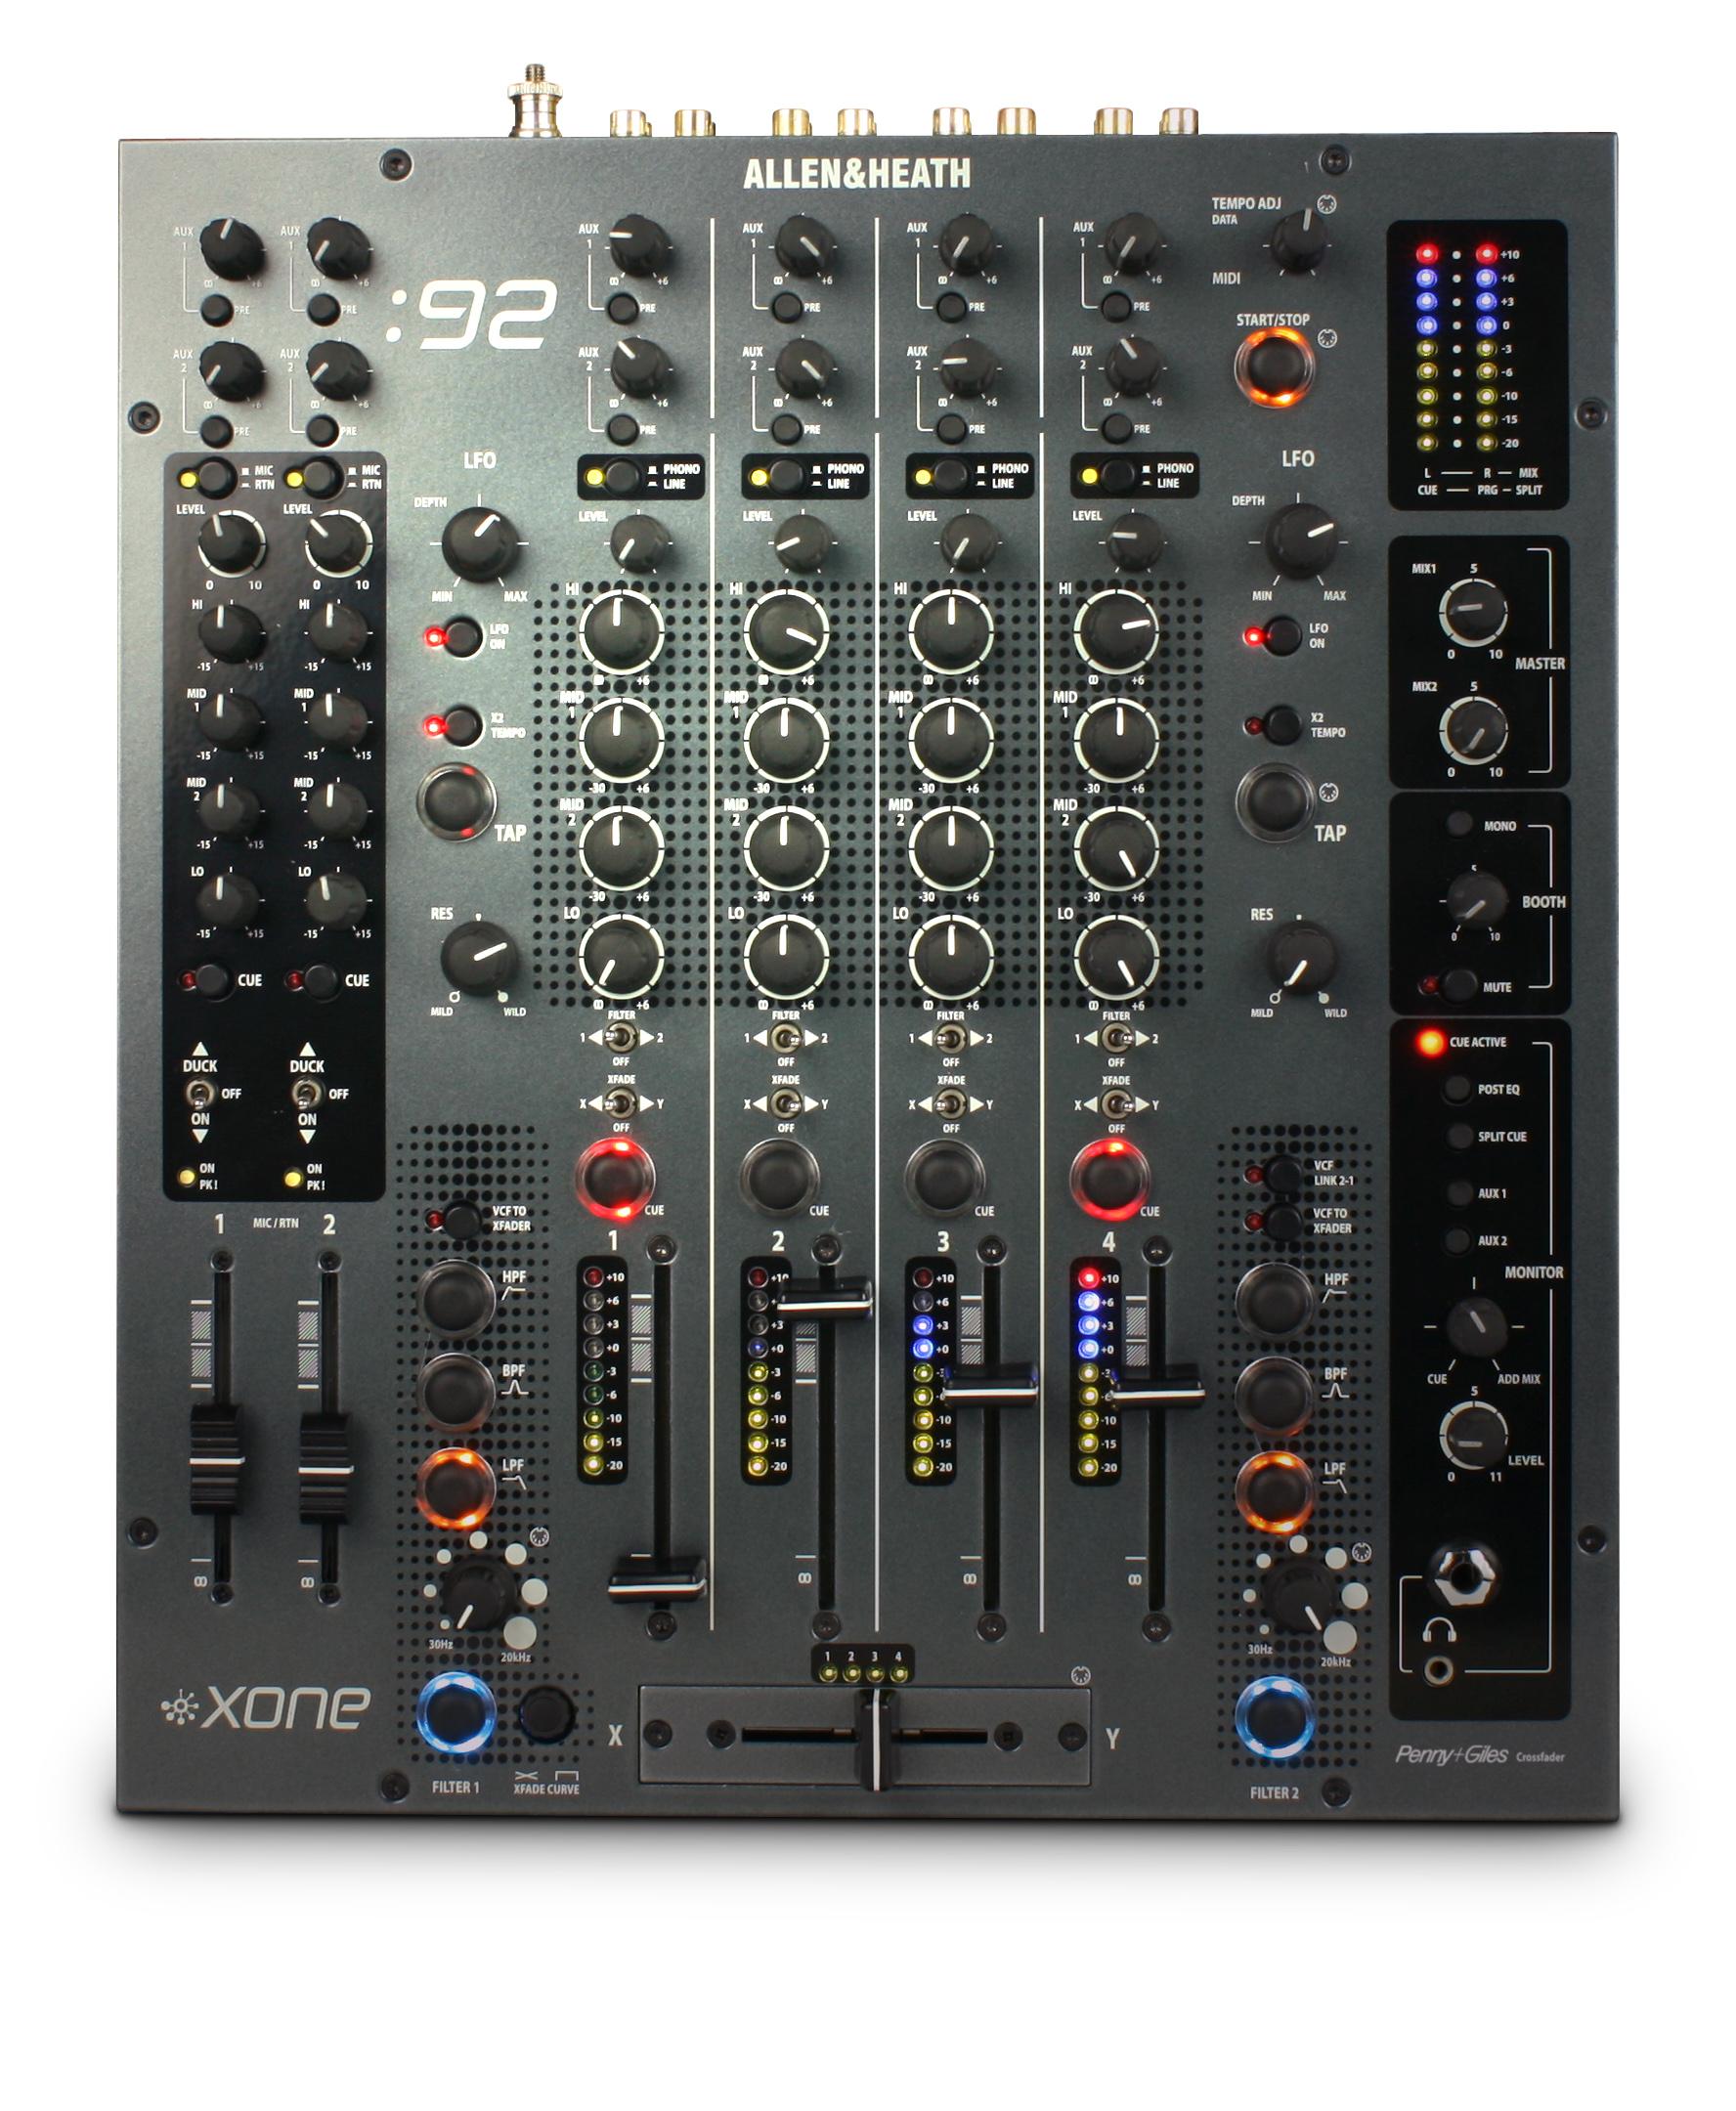 ALLEN & HEATH XONE 92 MIXER PER DJ 6 CANALI 2 AUX 2 OUT INDIPENDENTI 2 VCF